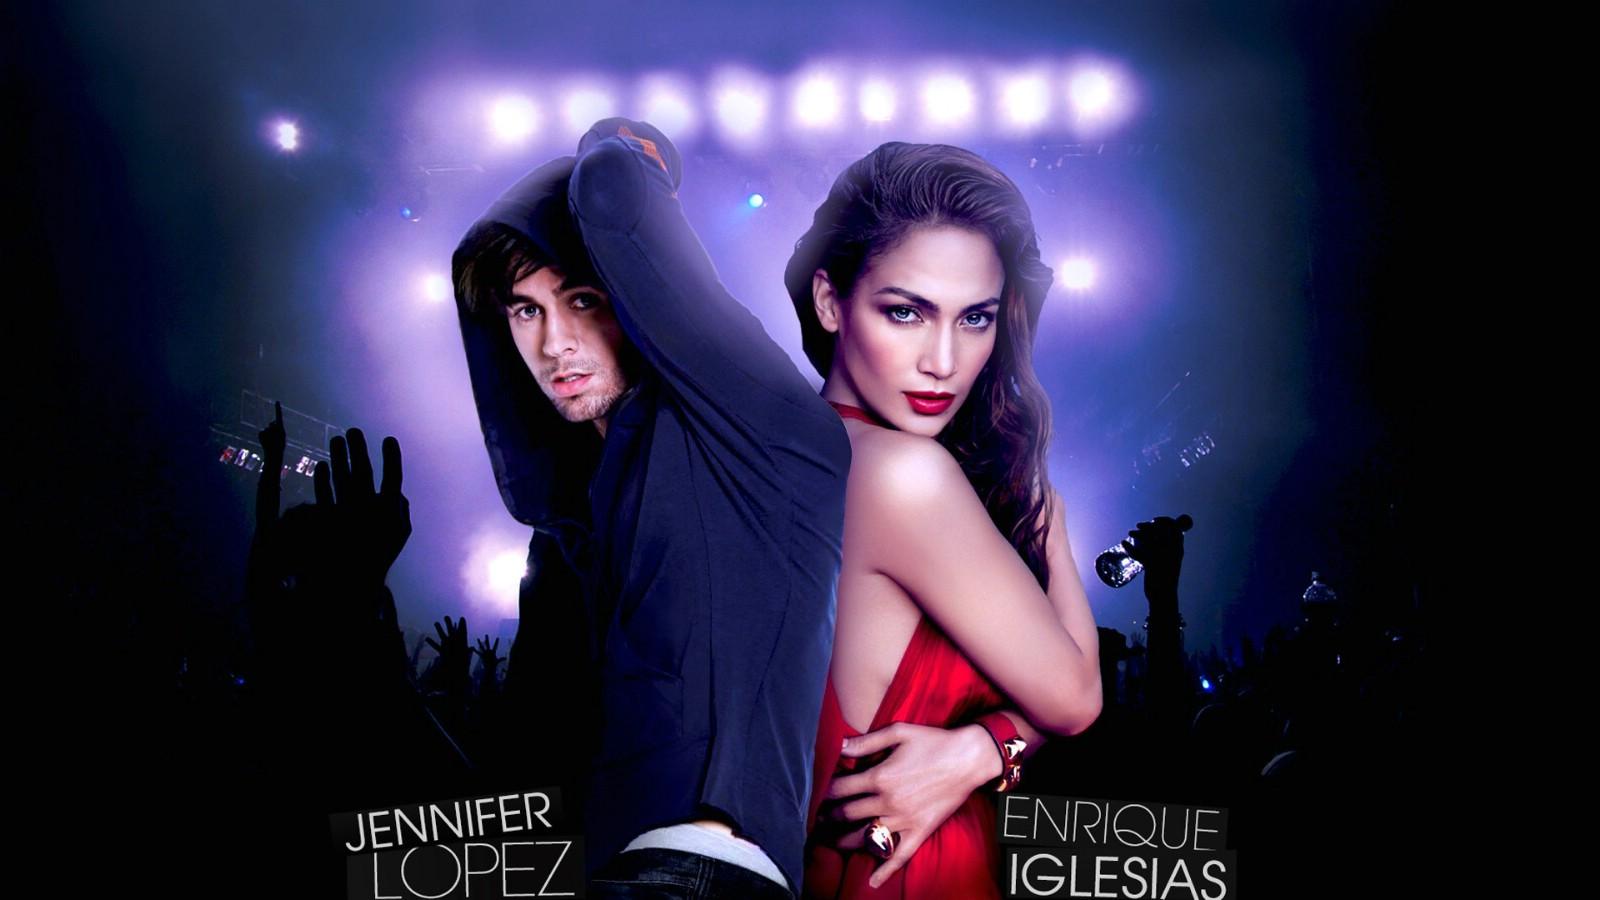 http://1.bp.blogspot.com/-oQljh0ai2Zk/UYjrxiLDcRI/AAAAAAAAAak/GfgDK2IUmvA/s1600/Jennifer+Lopez+Enrique+Iglesias+Tour+Hd+Wallpaper.jpg